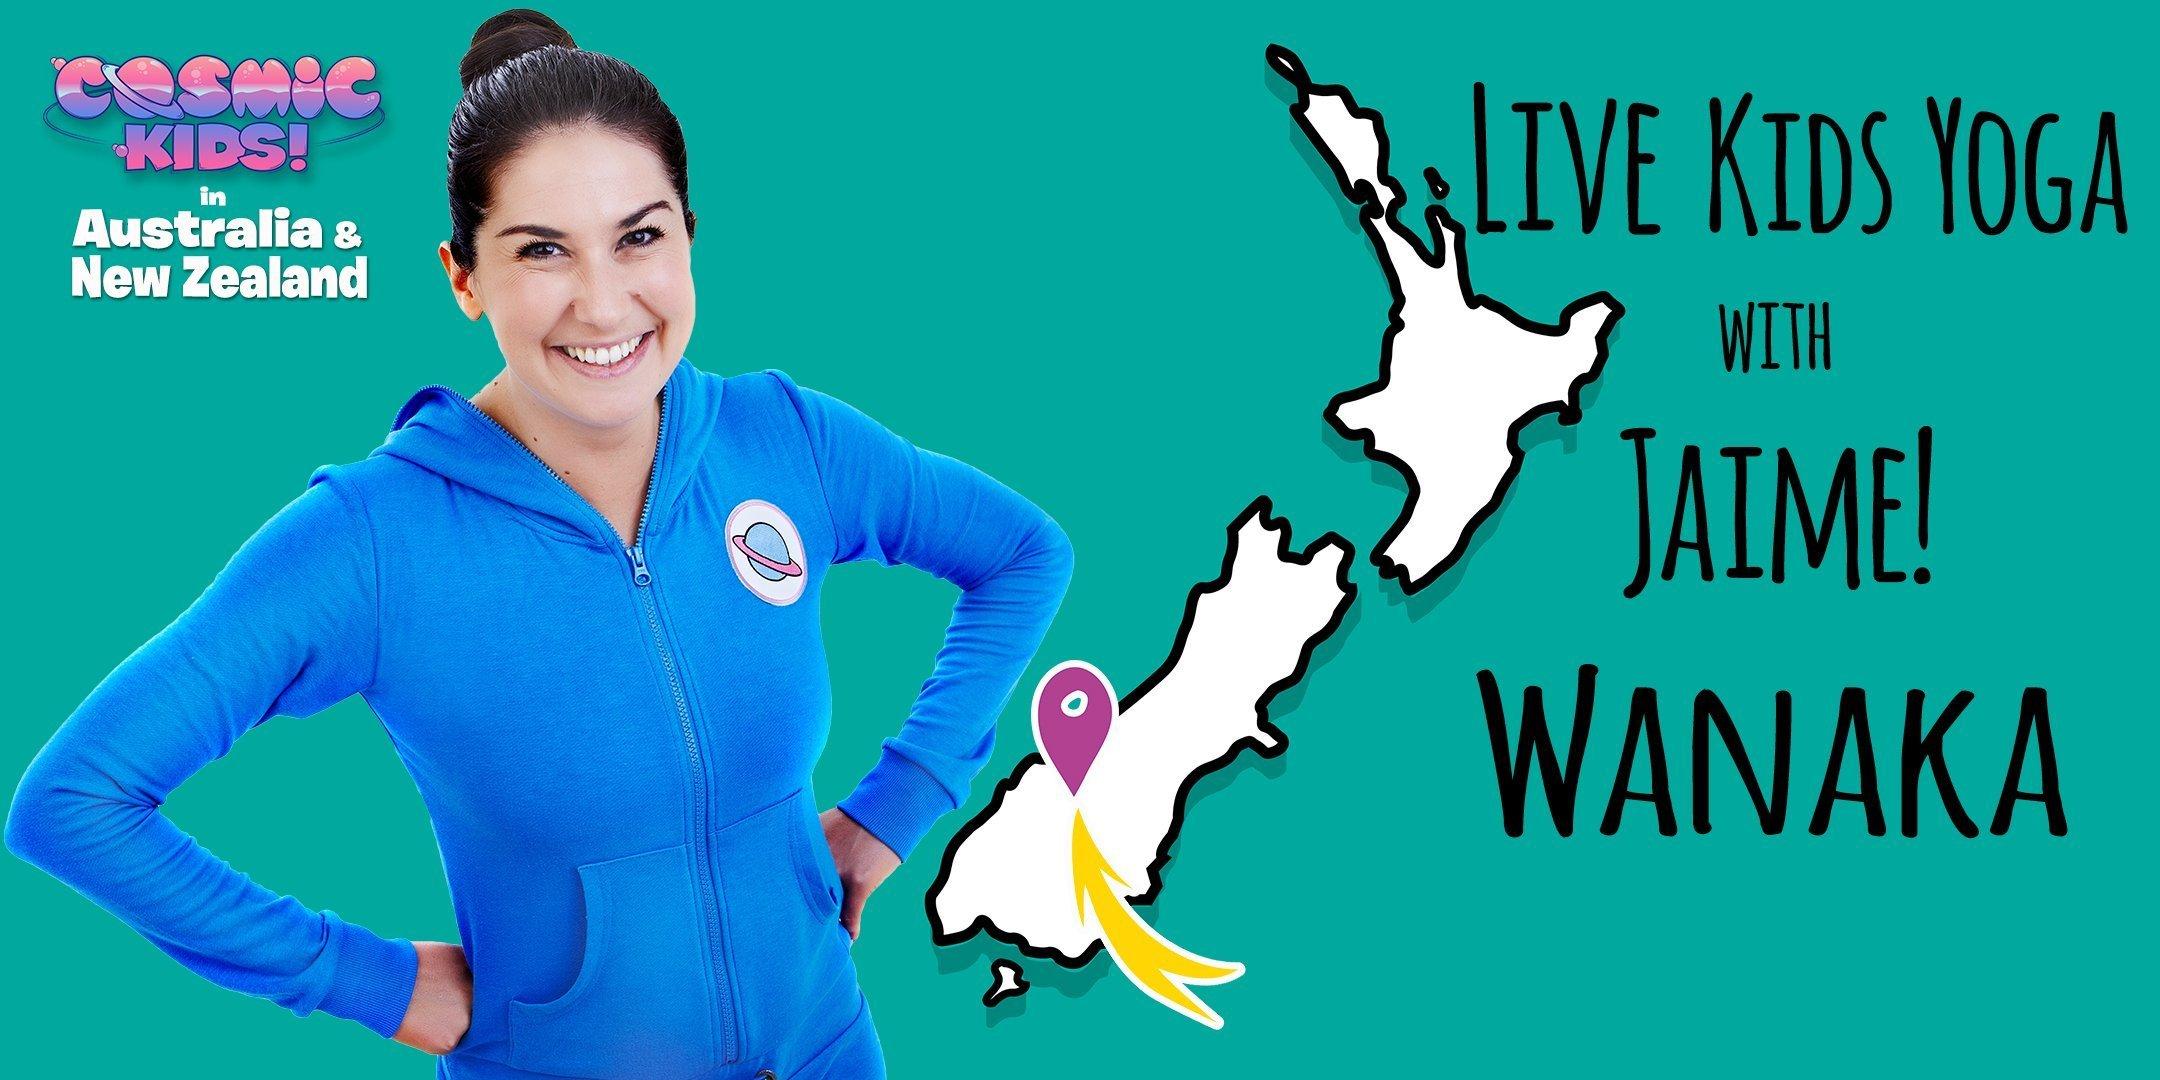 Click to book tickets - Wanaka